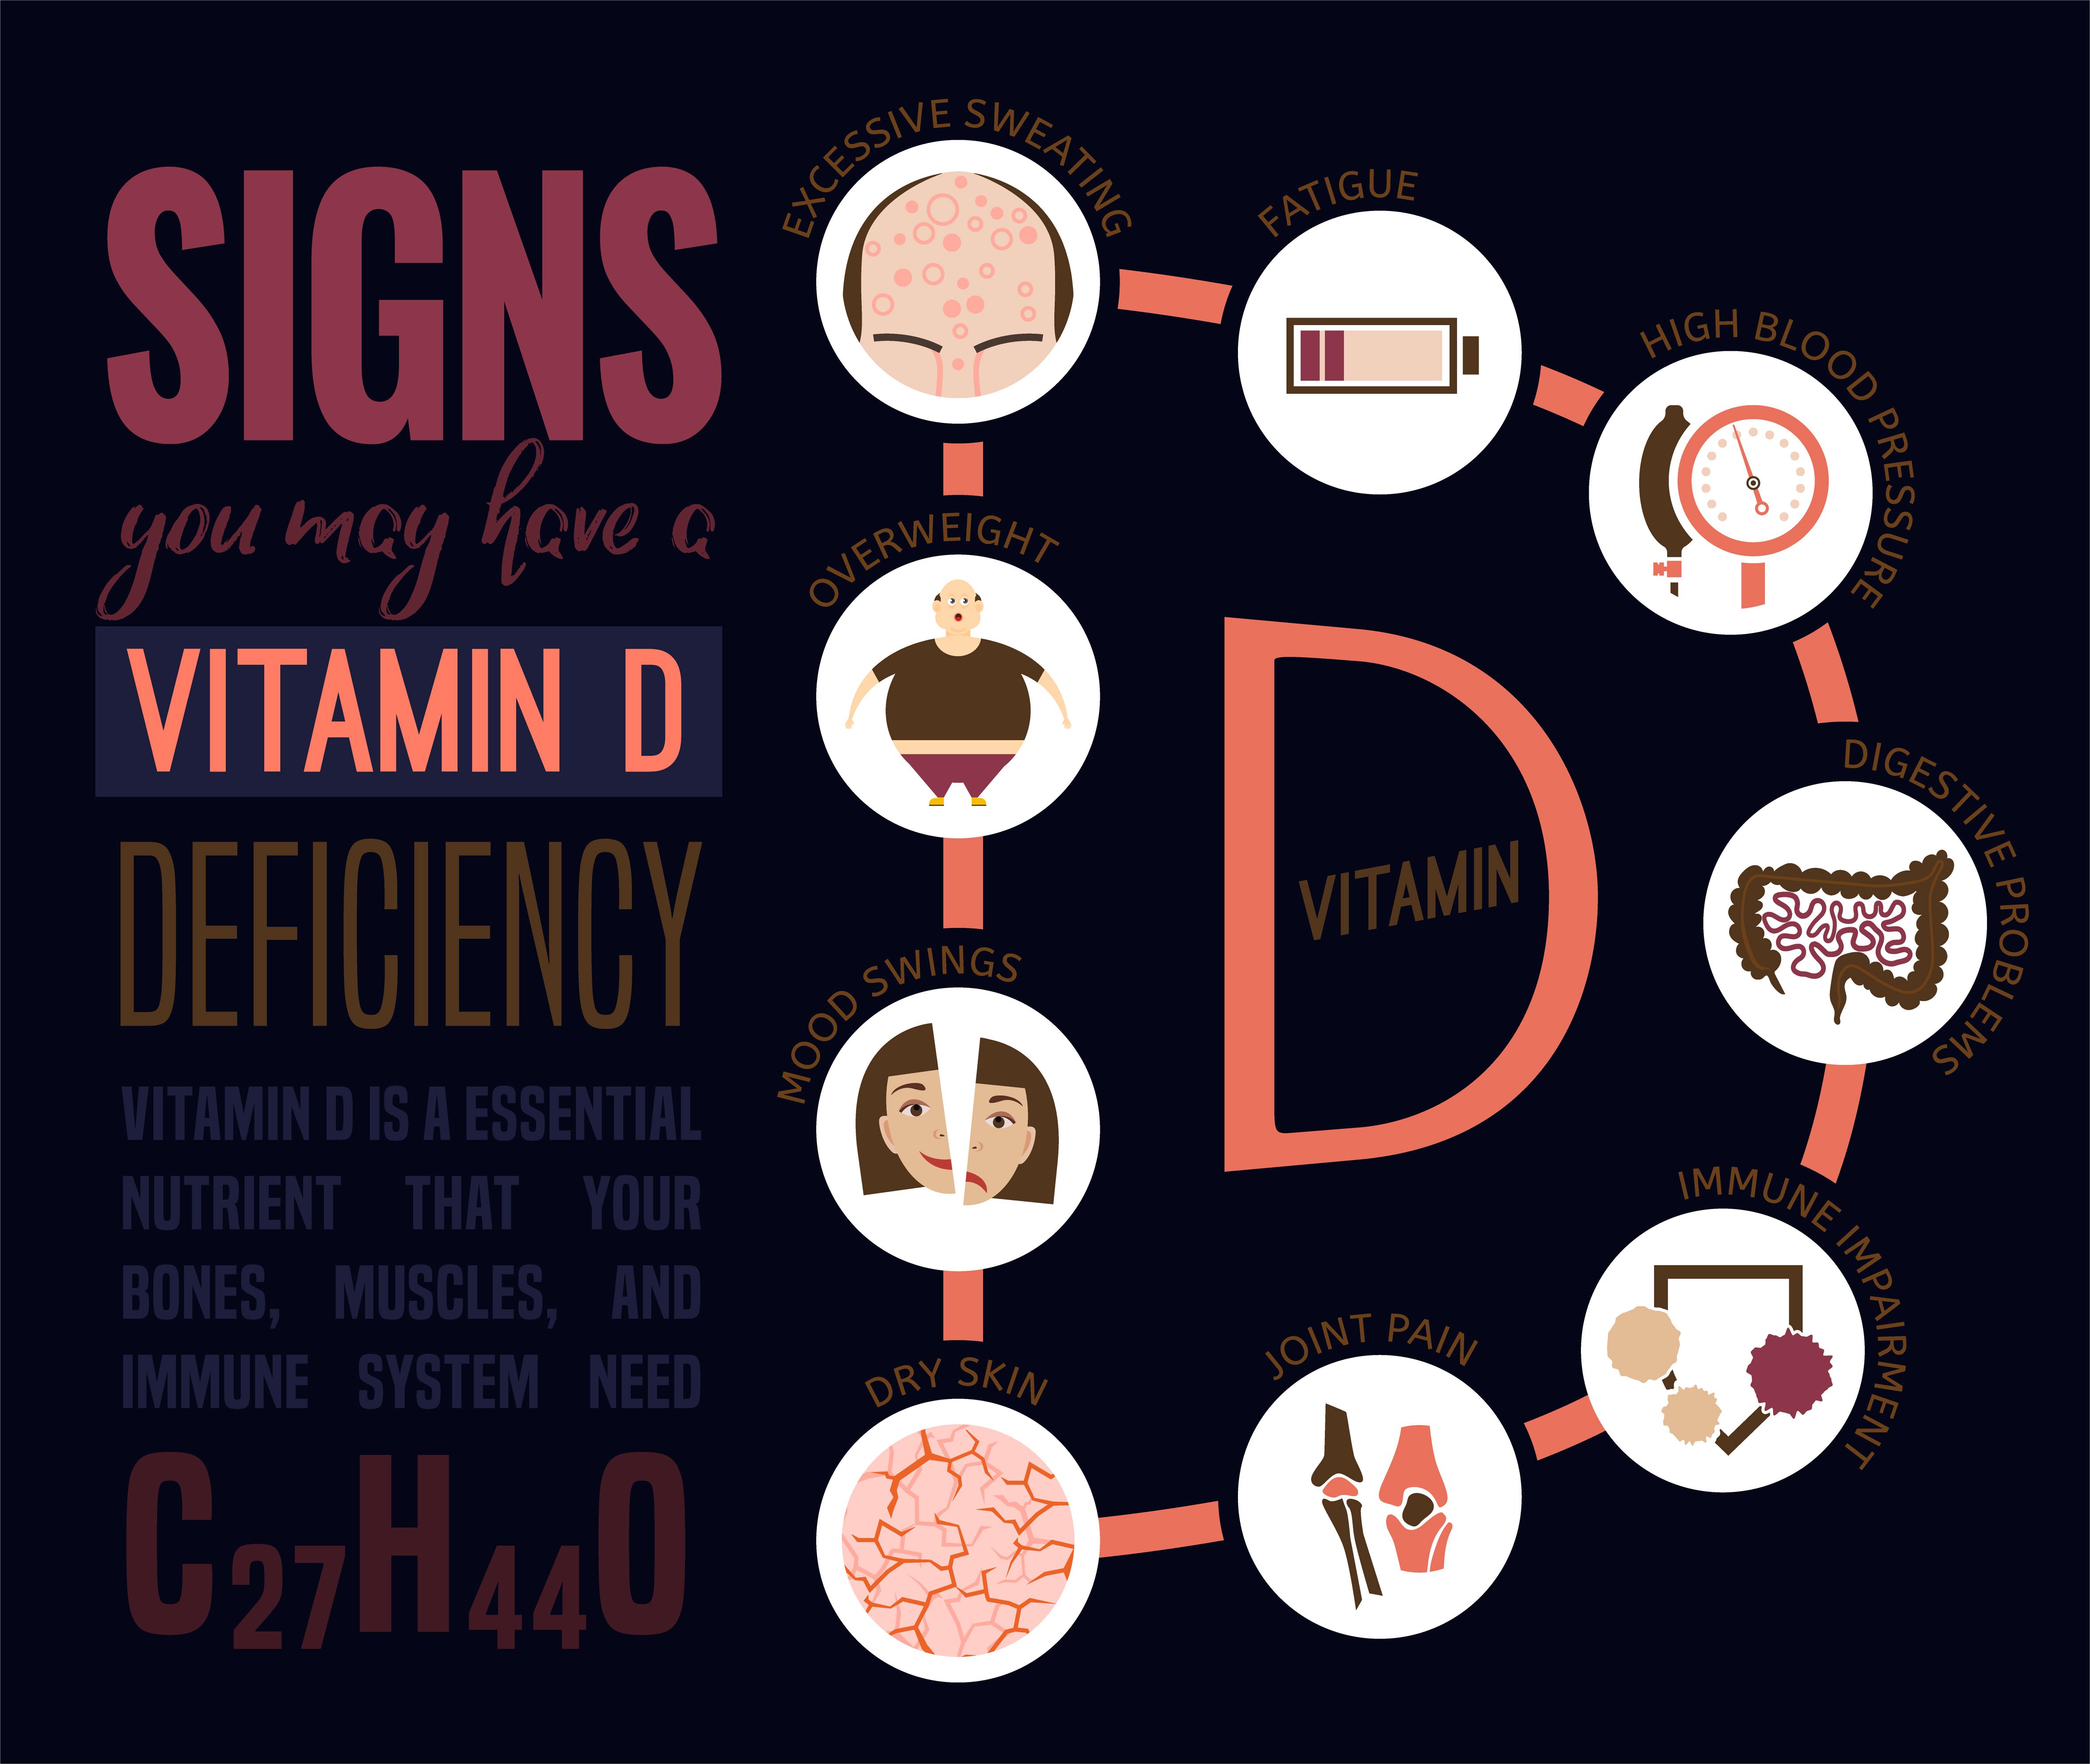 Most popular symptoms of Vitamin D deficiency